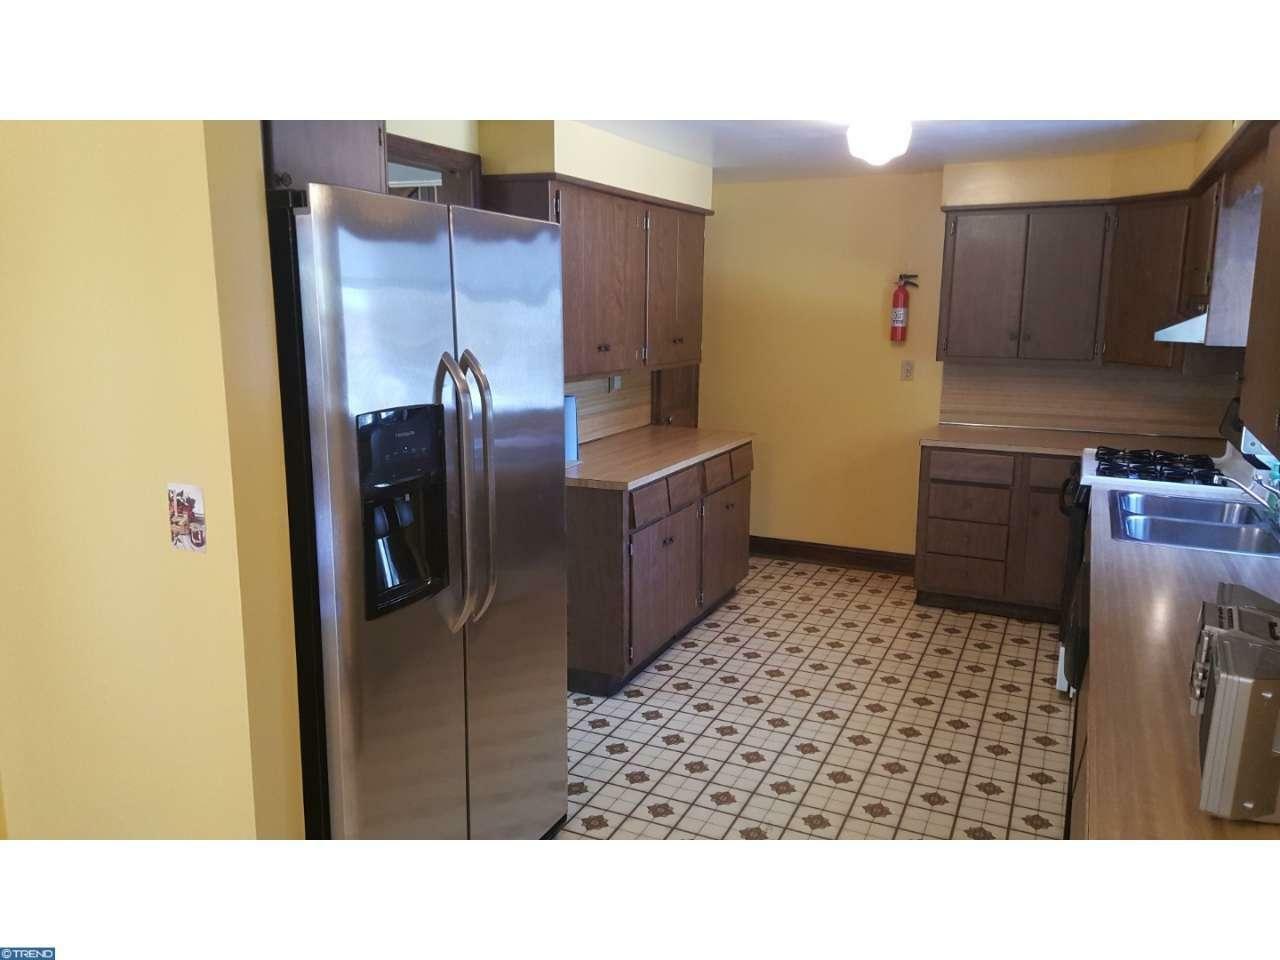 459 Scotch Rd, Hopewell, NJ - USA (photo 3)